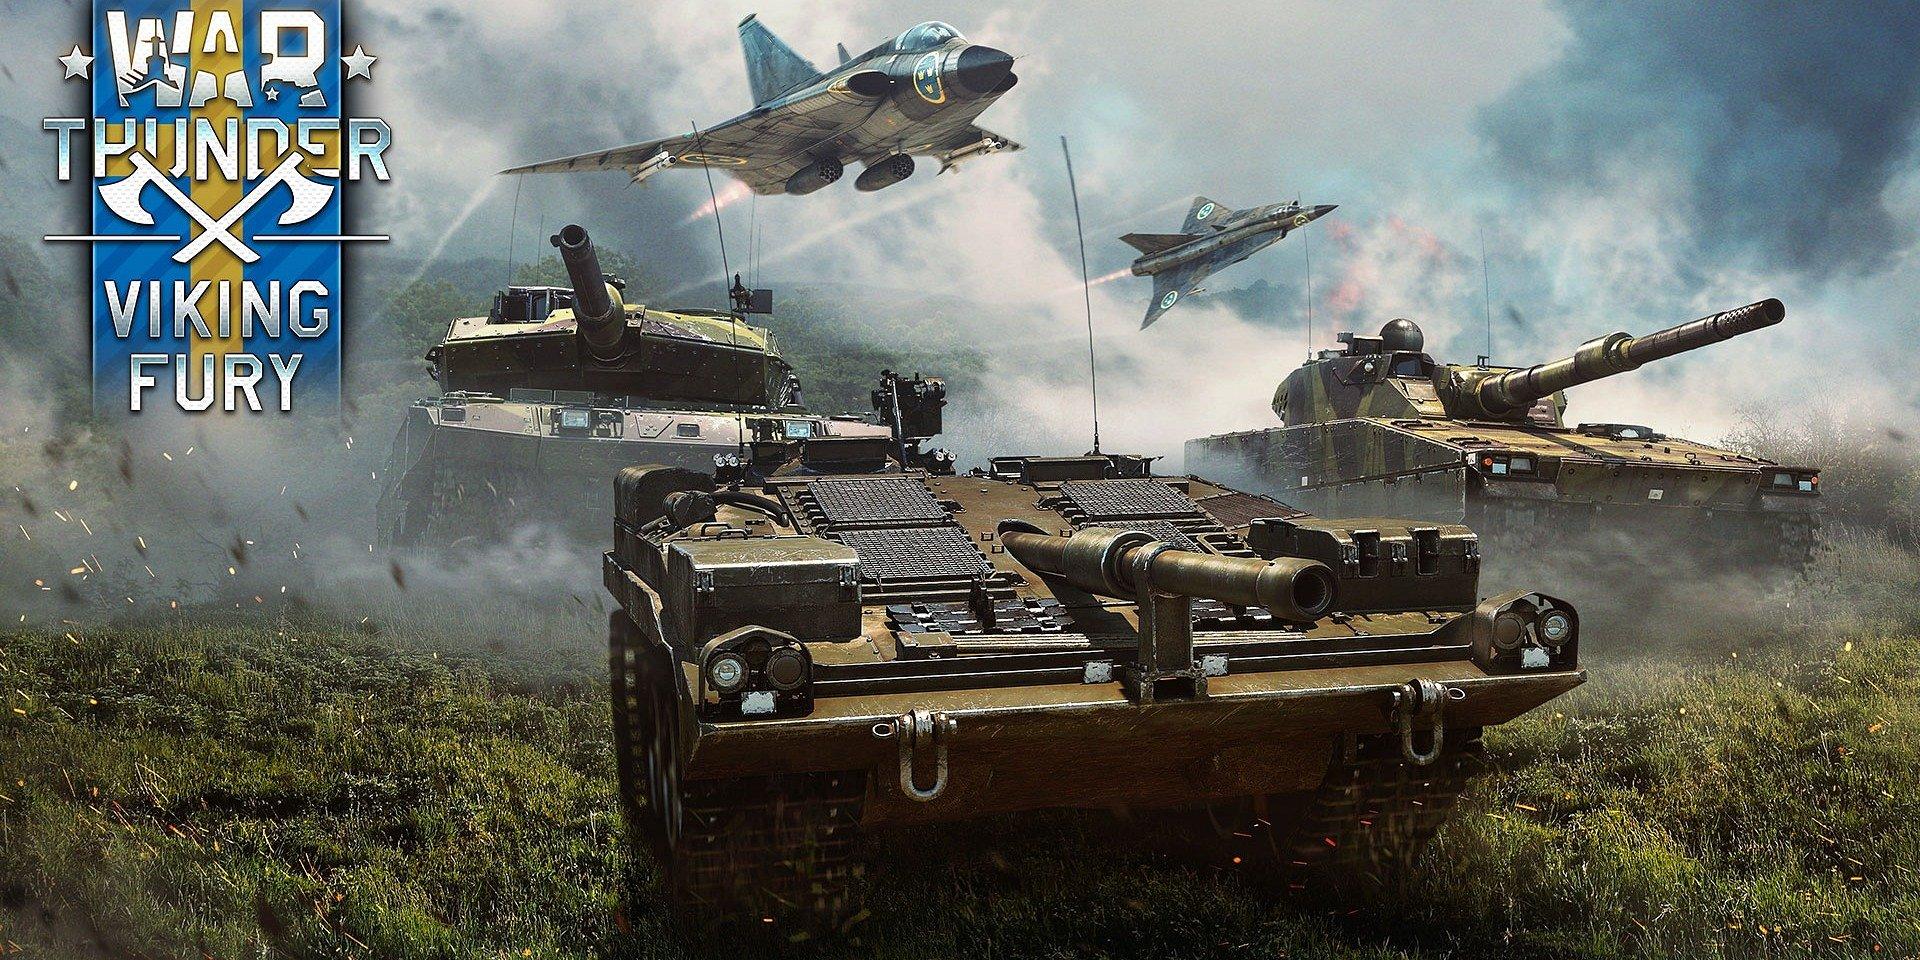 Az Apache helikopterek megrohannak a War Thundert